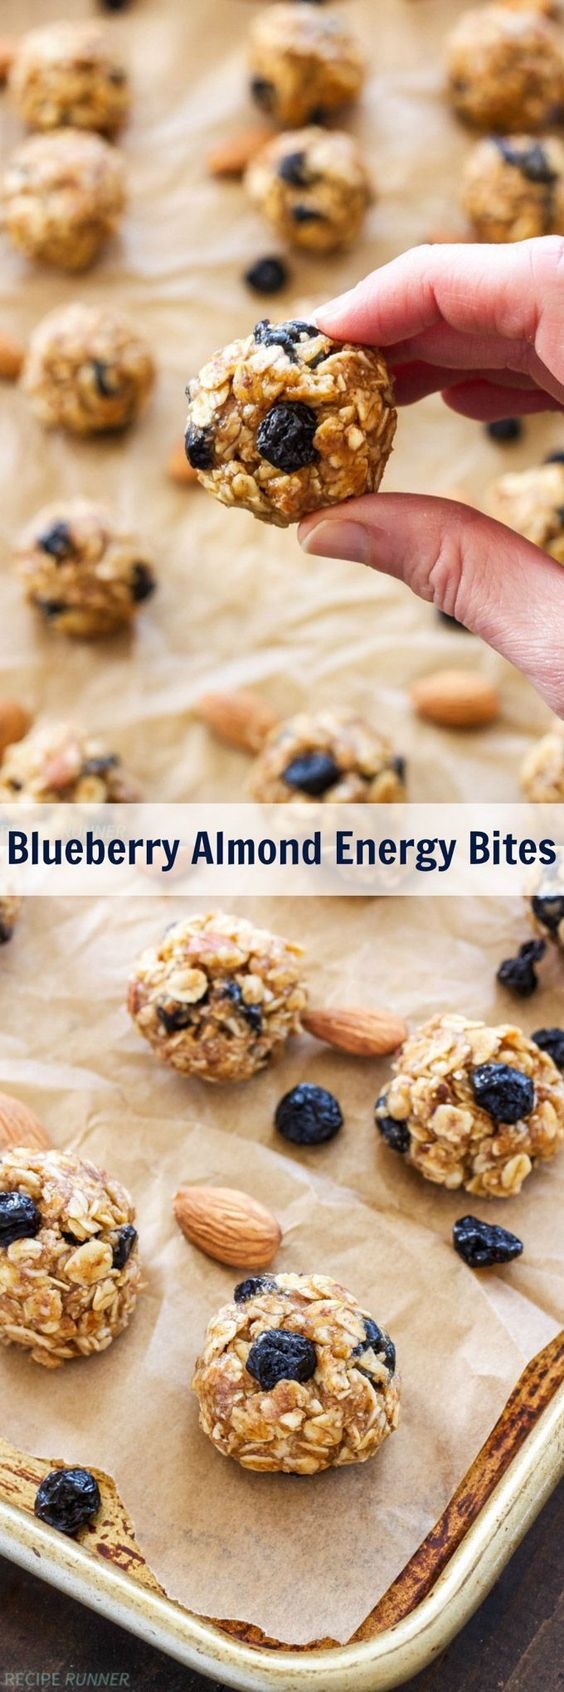 Blaubeermandel Energy Bites | Ein gesunder, tragbarer Snack mit einem Happen, der perfekt für …